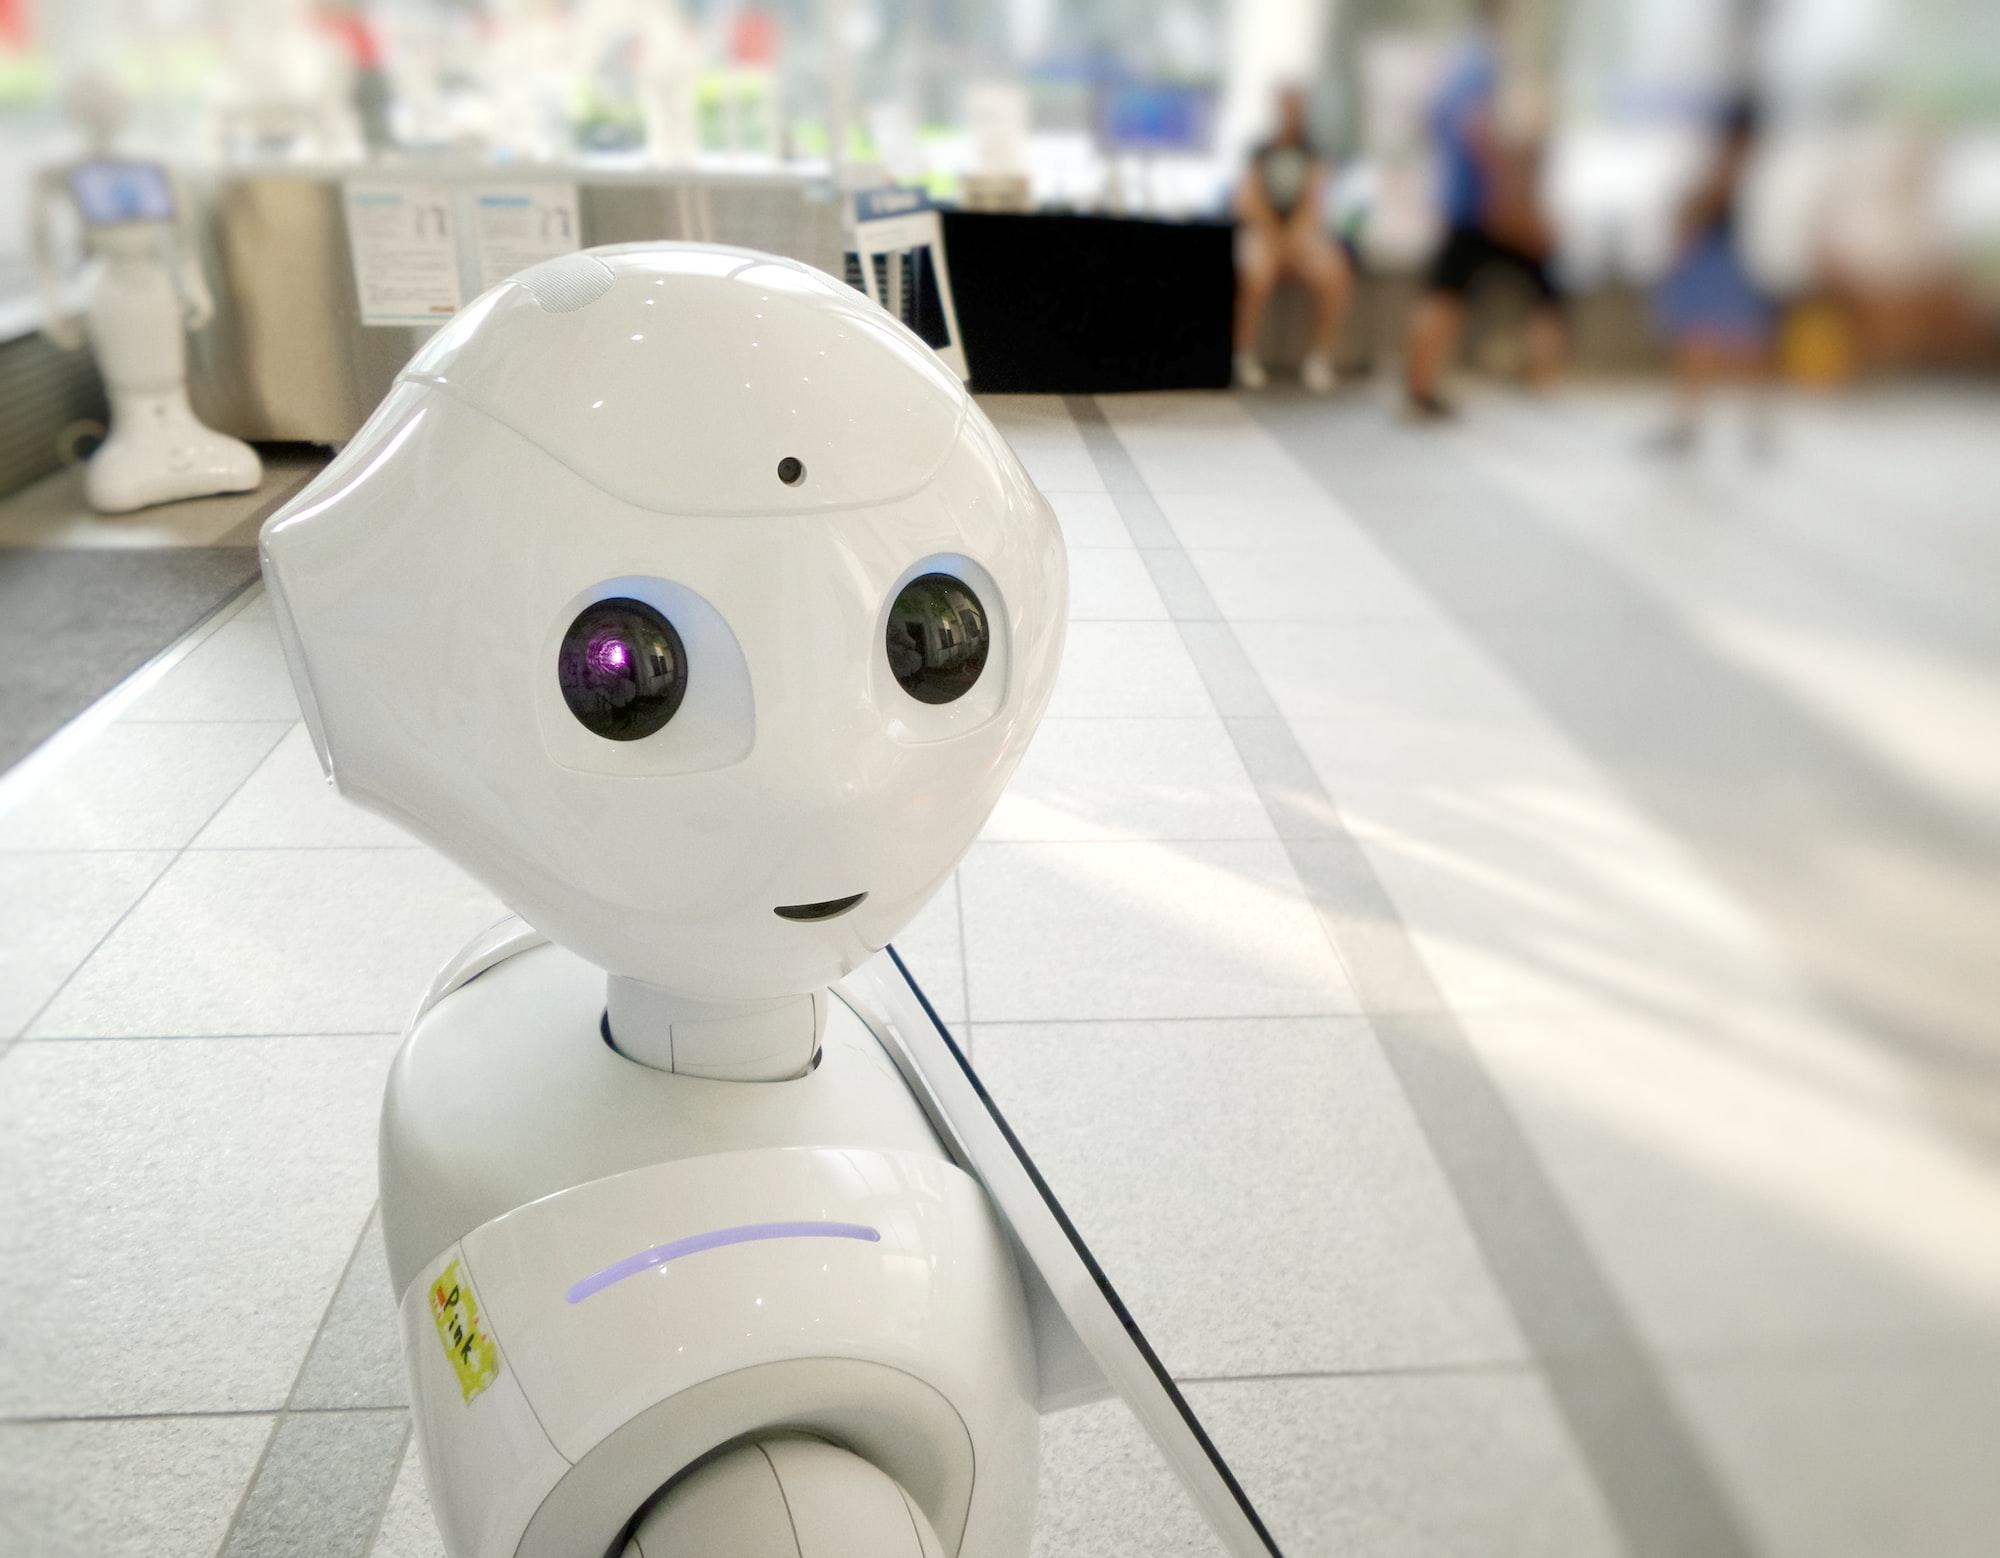 ¿Cómo nos afectará el uso de la inteligencia artificial en el futuro… bueno en unos días?